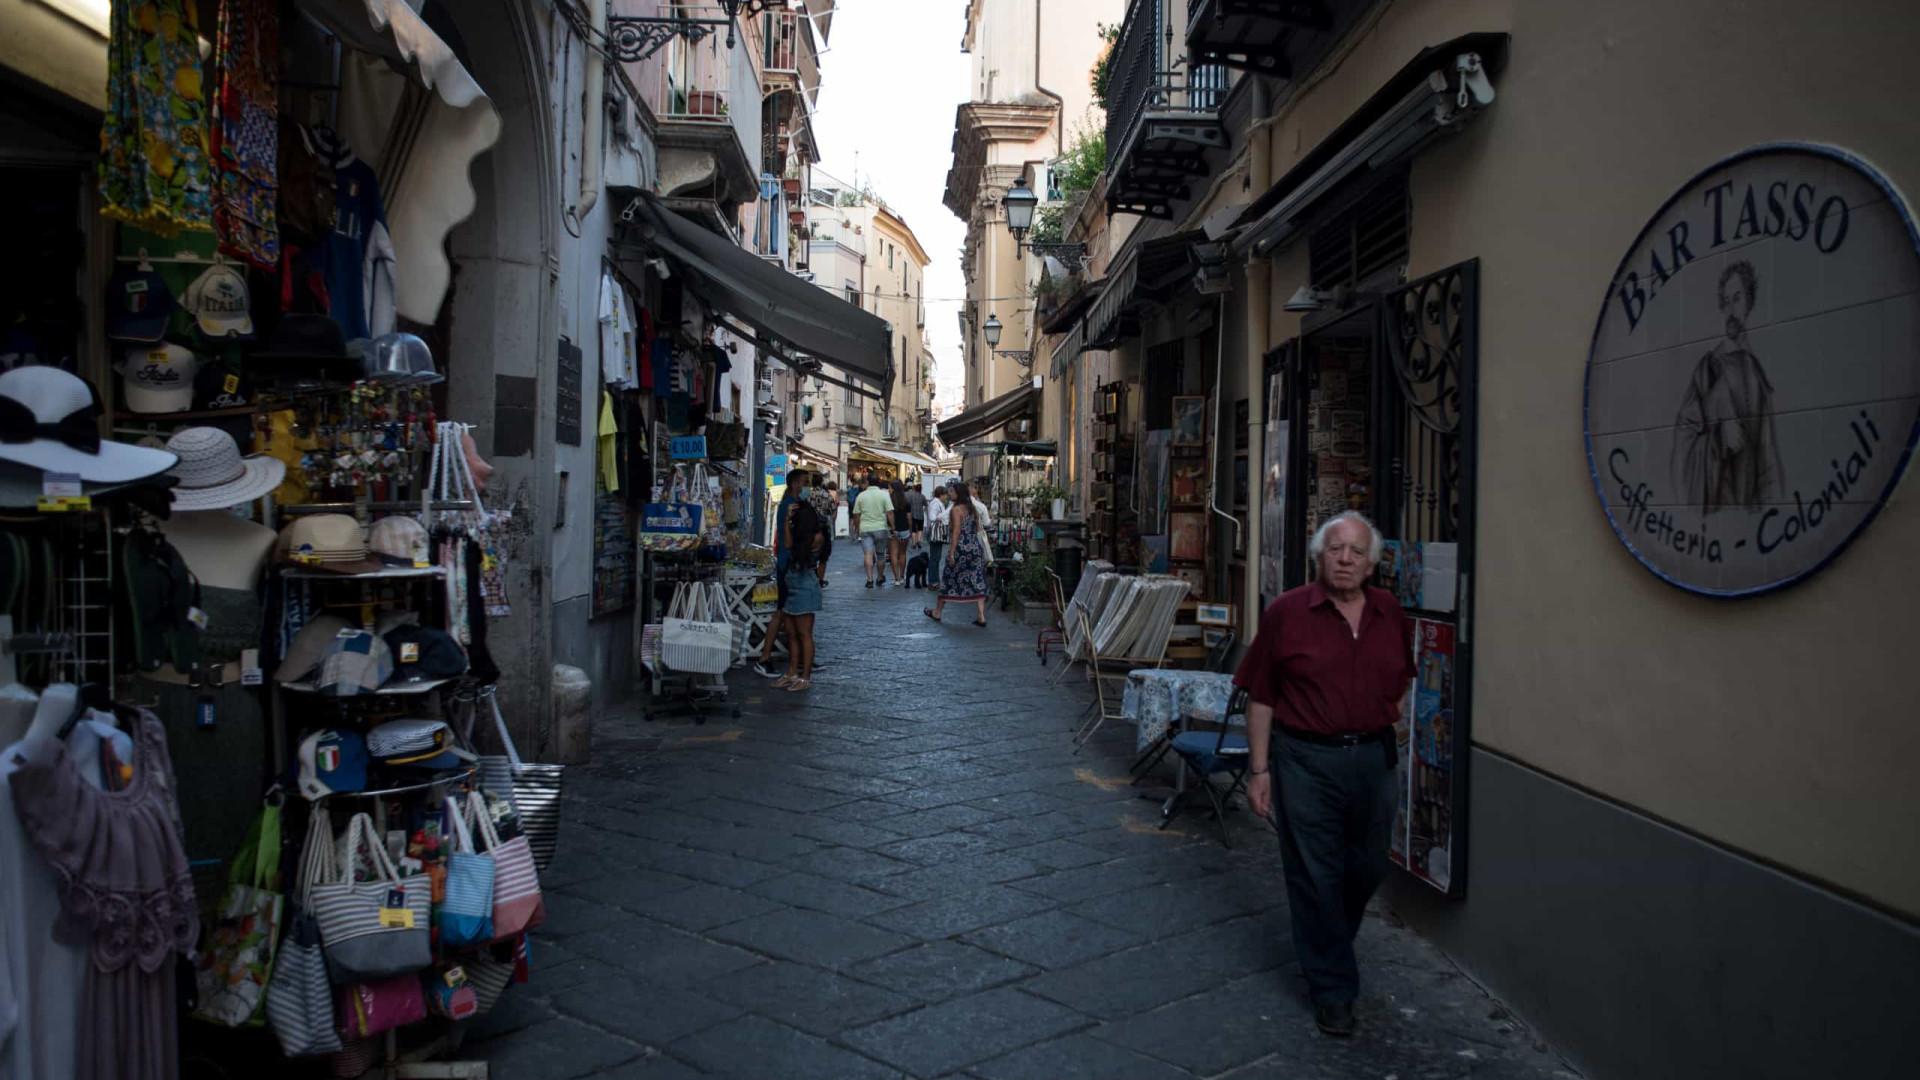 Número de infecções crescem na Itália. Casos diários perto de mil